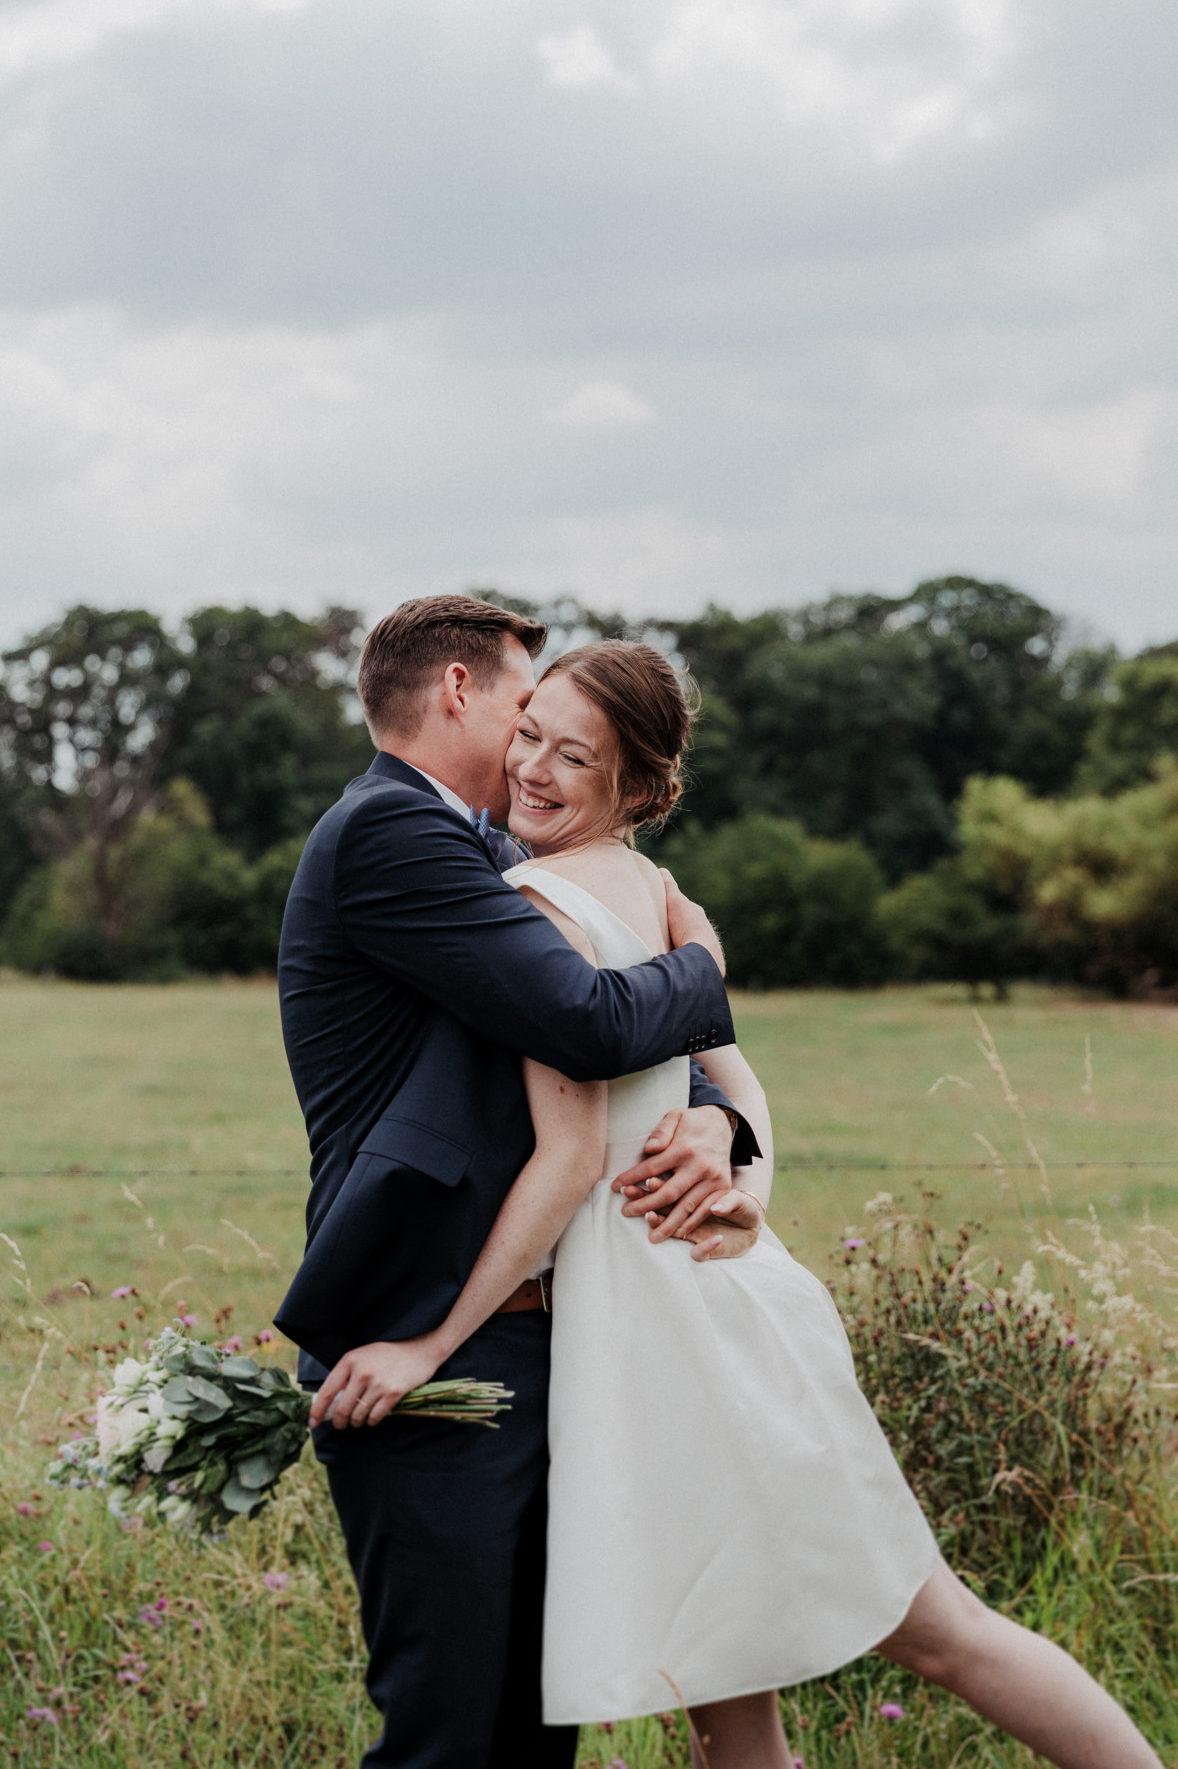 lachendes Brautfoto für den Jahresrückblick